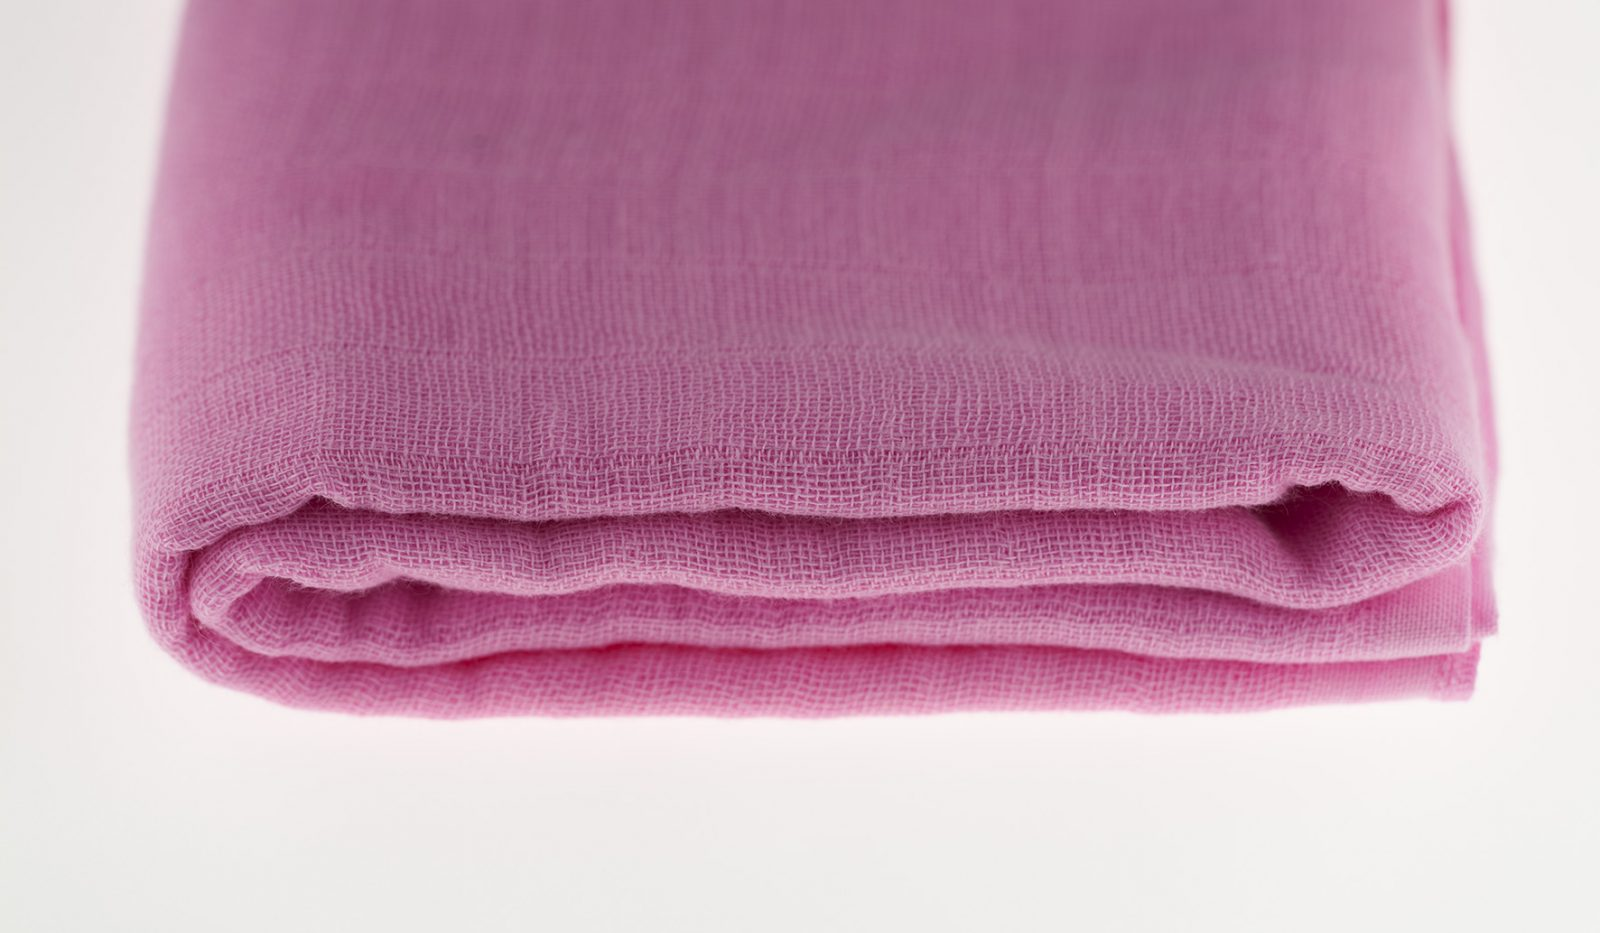 Kuscheli 120x120 cm - verschiedene Farben vorhanden!